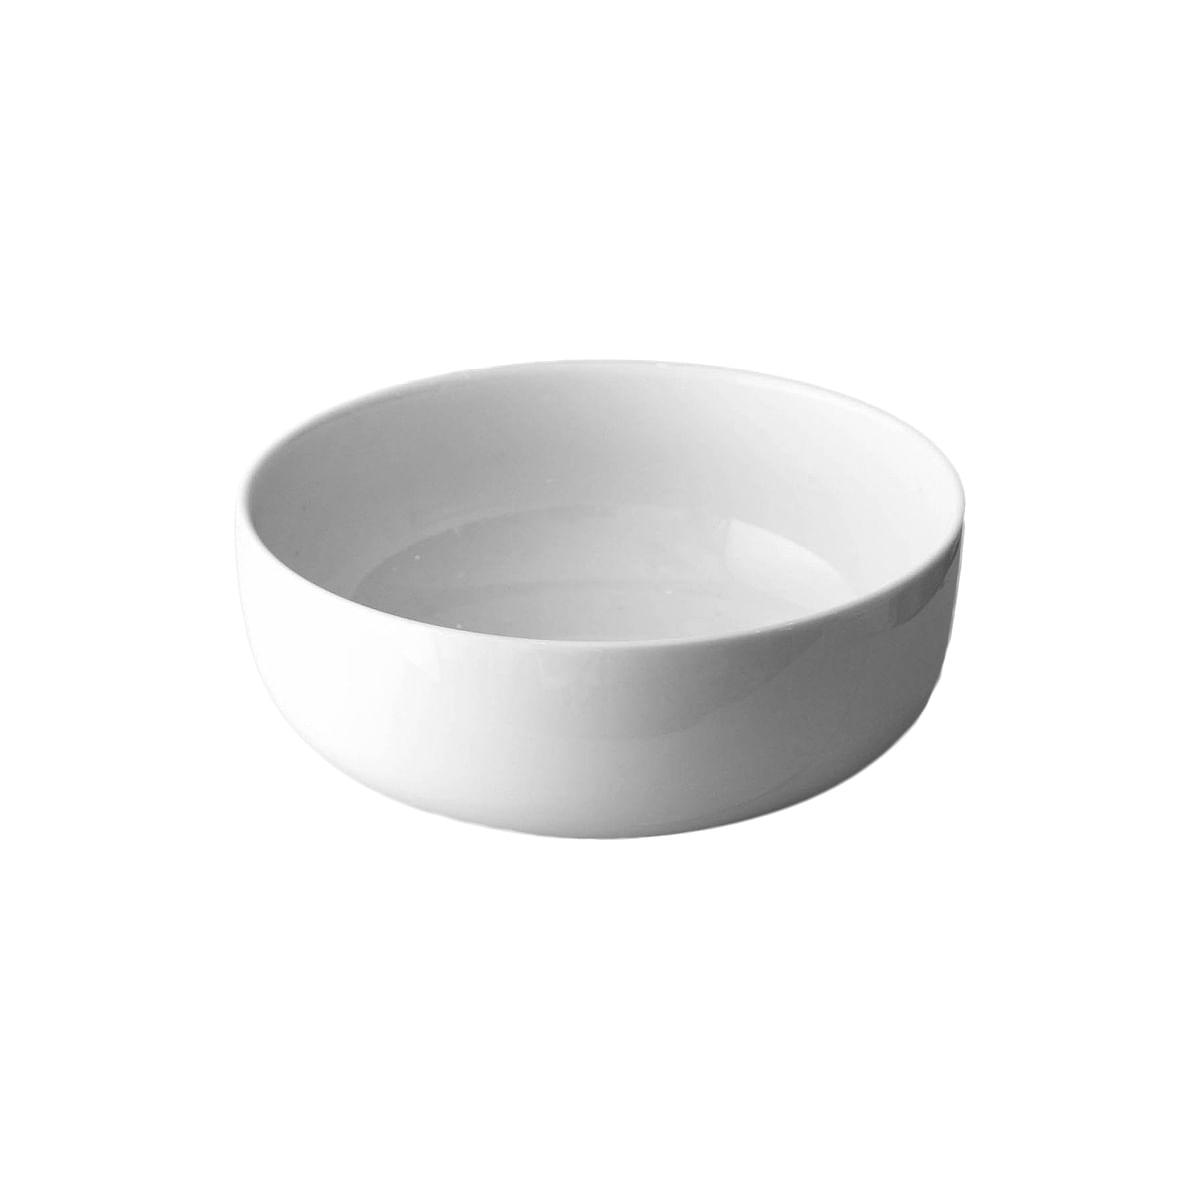 bowl-ensaladas-porcelana